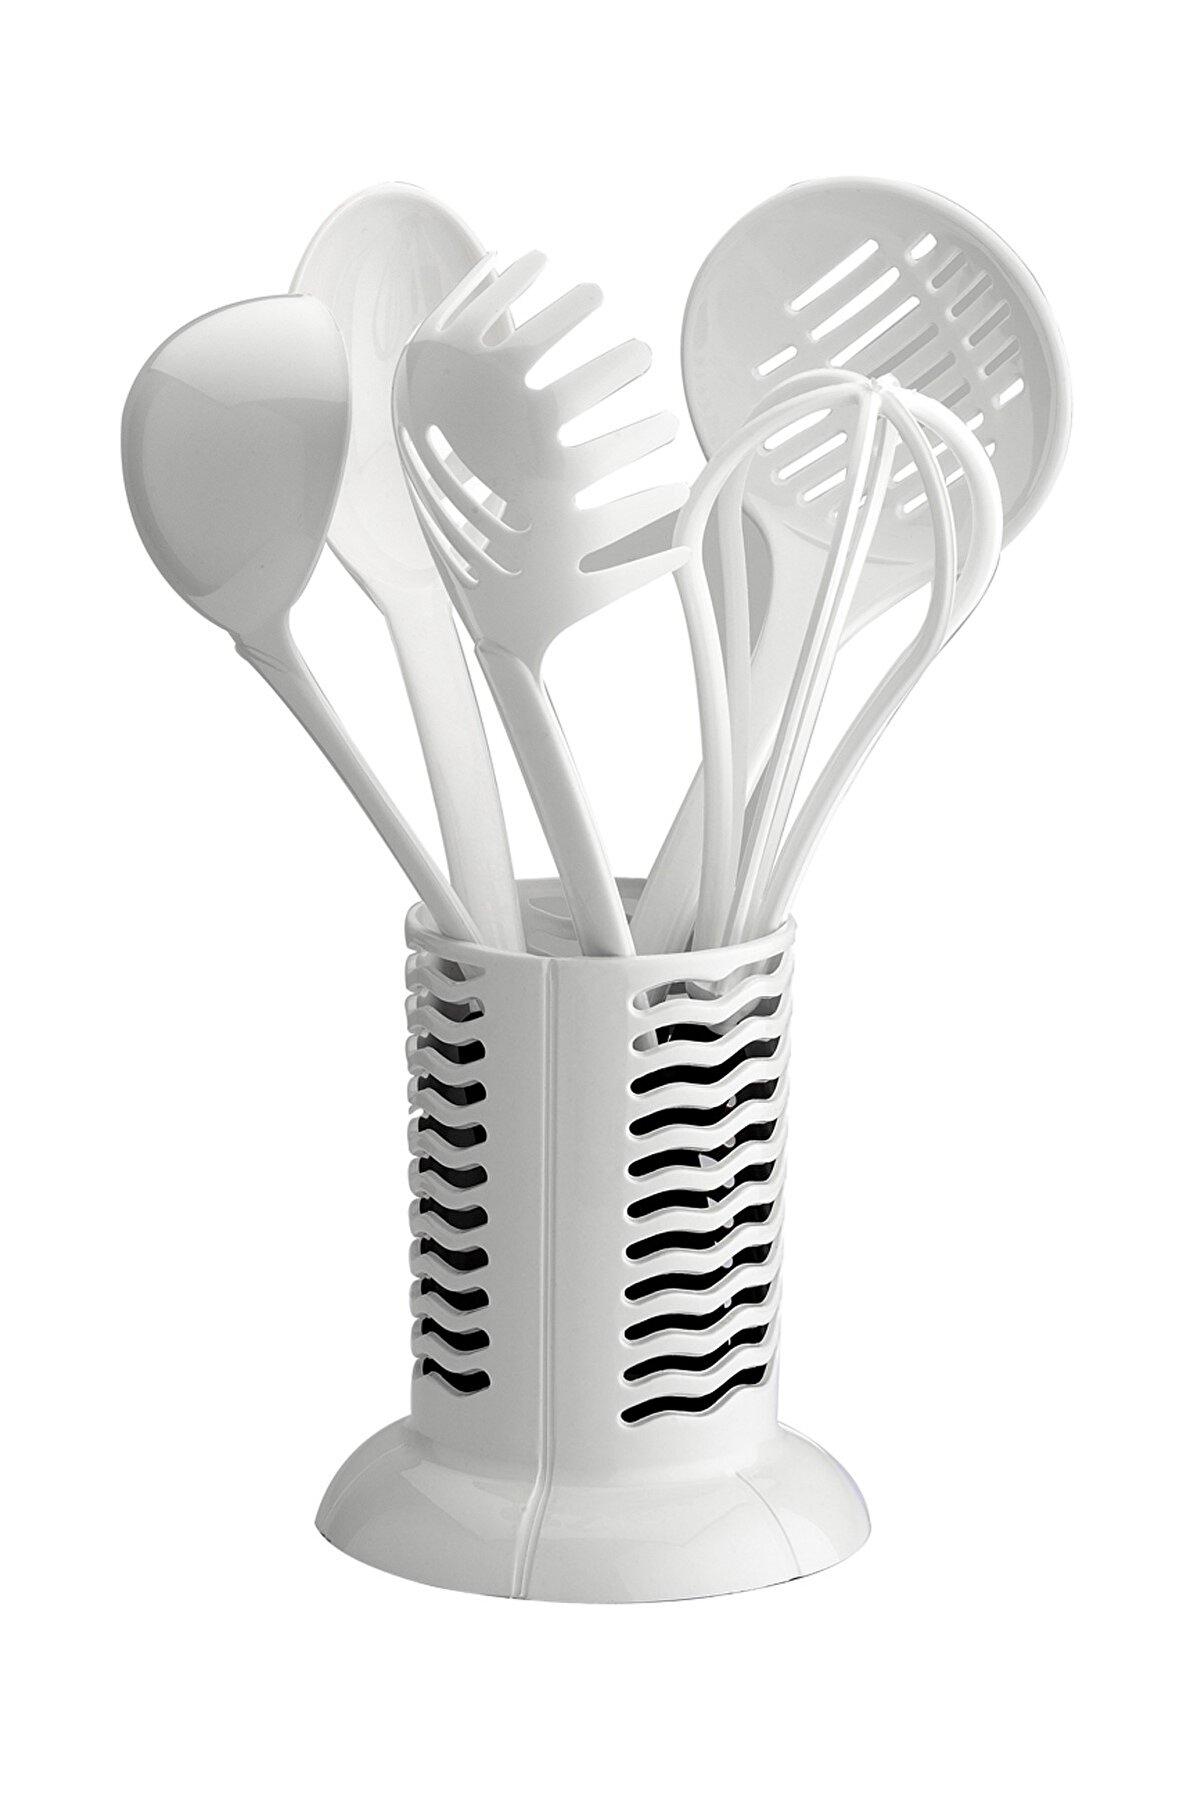 Schafer Plastik Kepçe Takımı-Beyaz -B